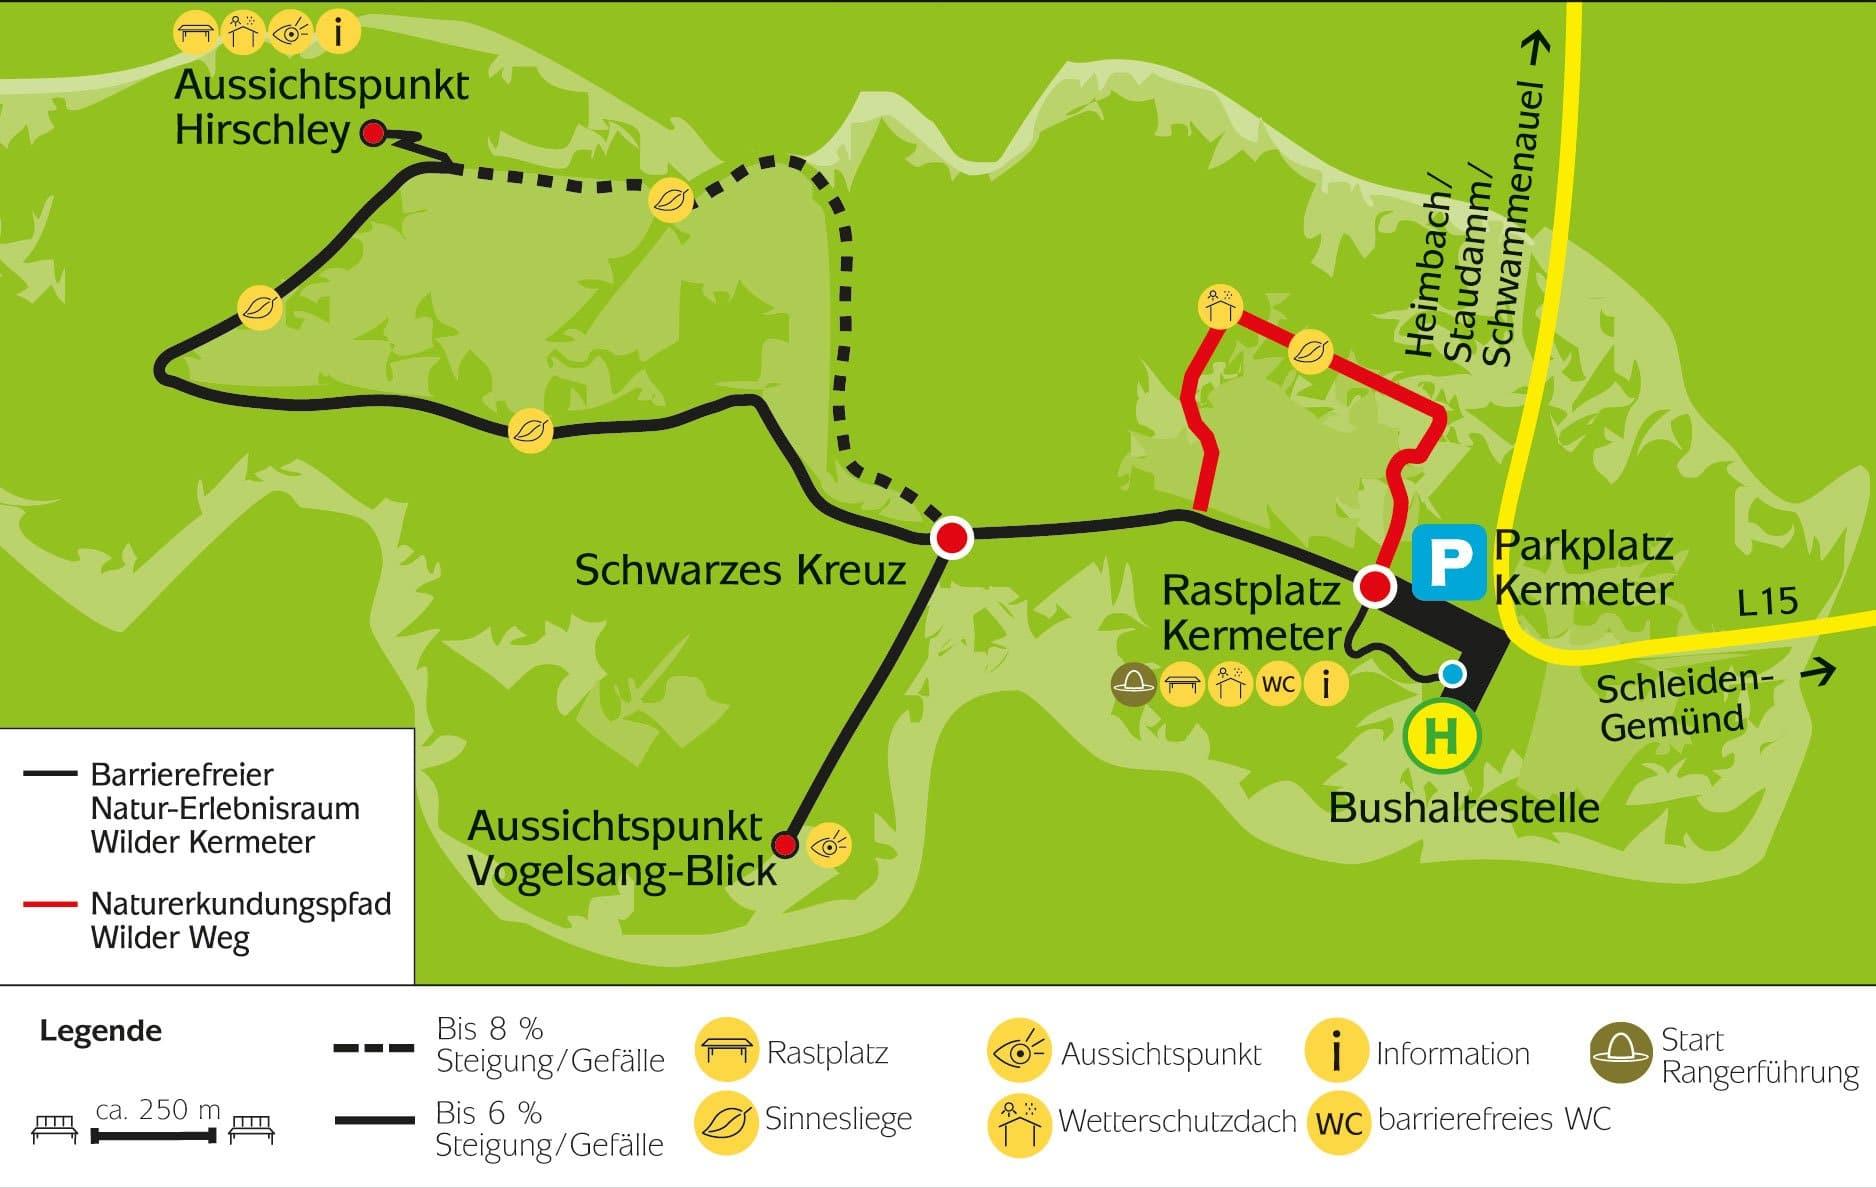 Nationalpark Eifel Karte.Wilder Kermeter Und Wilder Weg Nationalpark Eifel